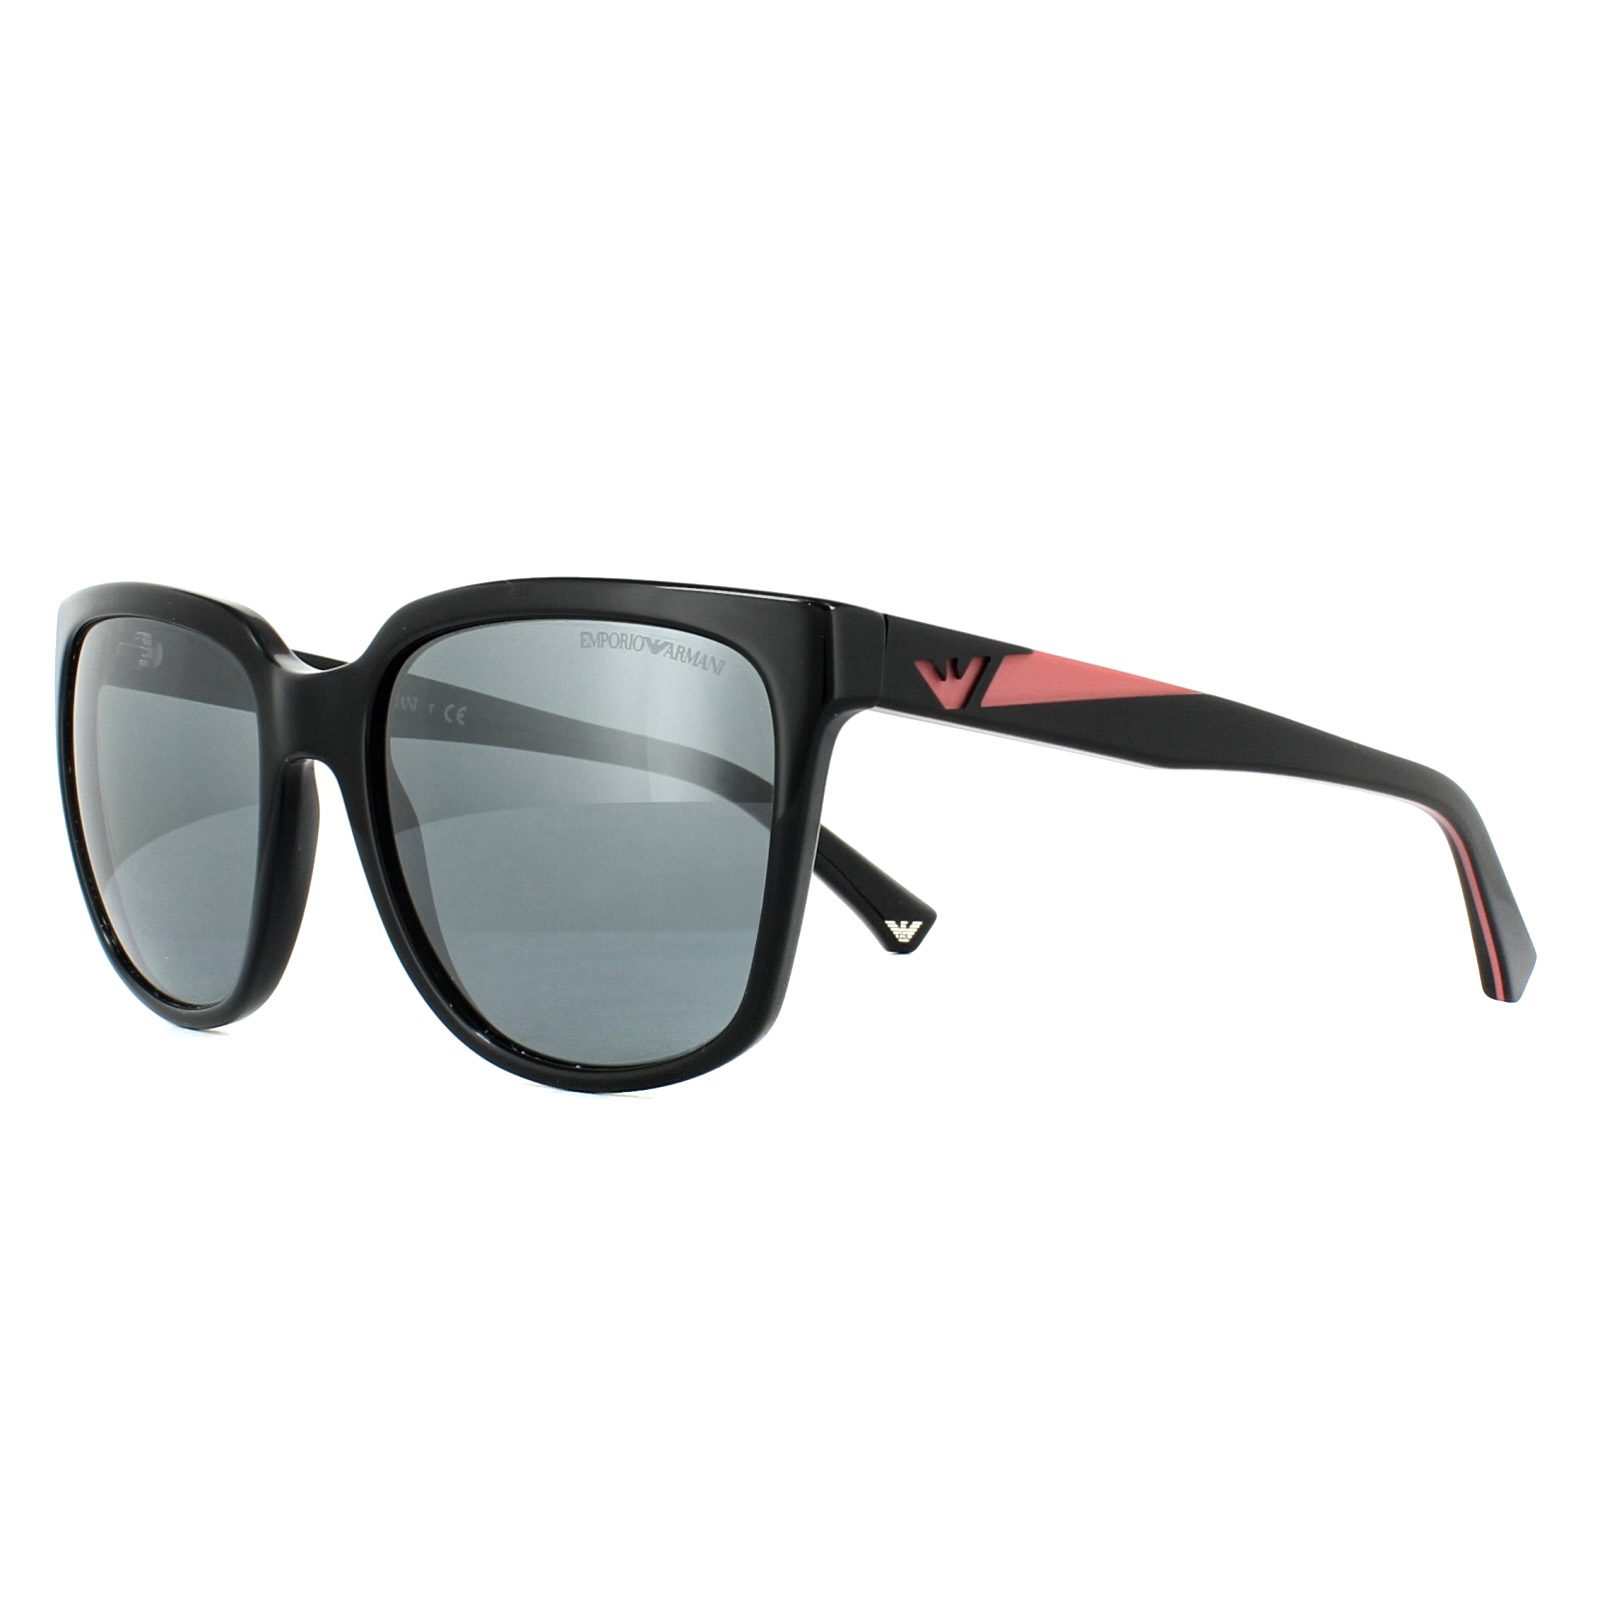 3256116dc1b Sentinel Emporio Armani Sunglasses 4070 50176G Black Grey Mirror